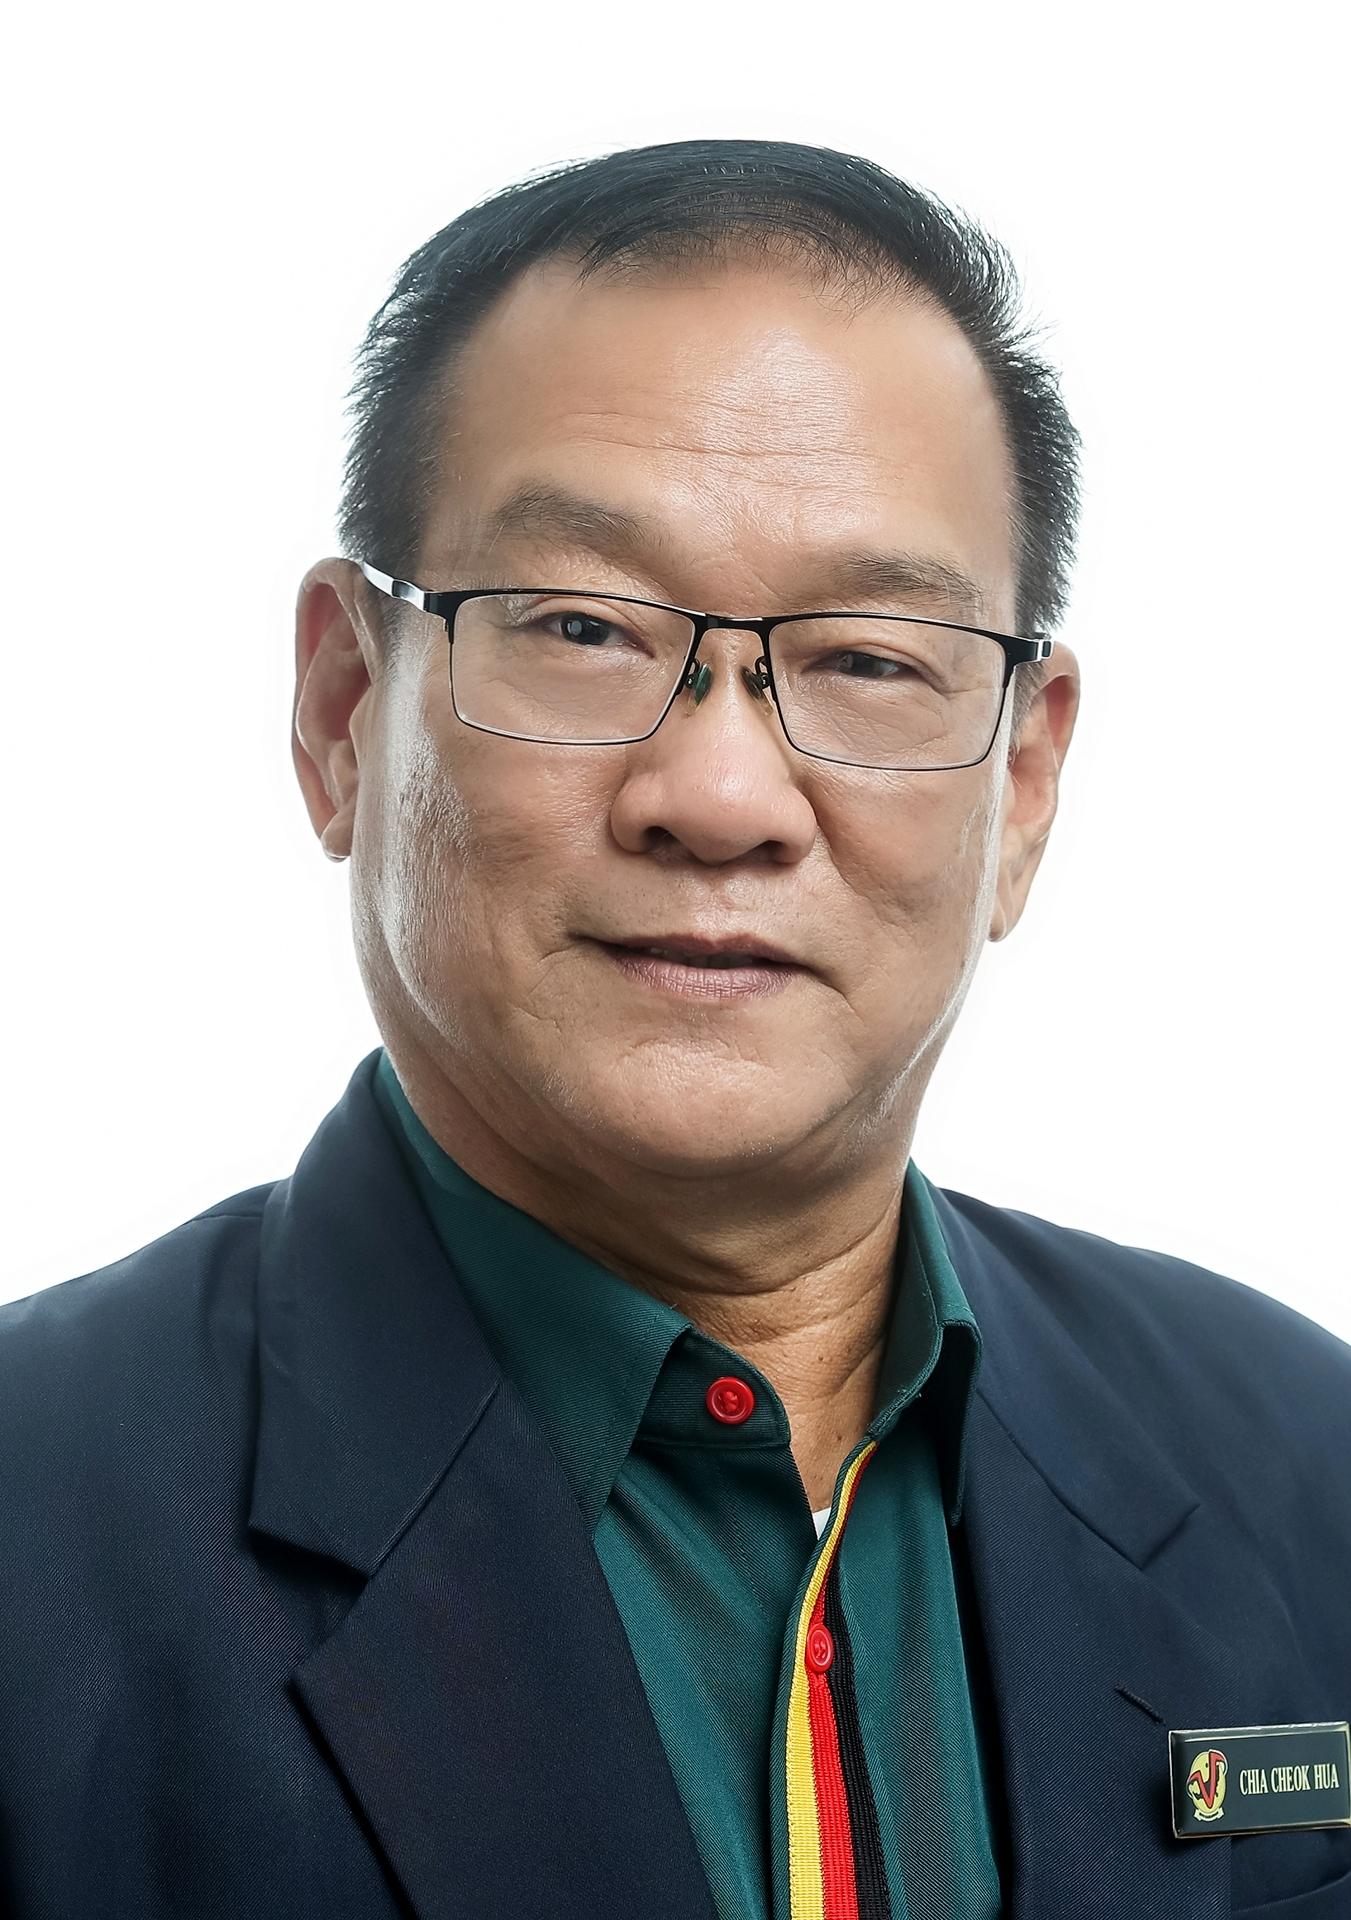 Chia Cheok Hua